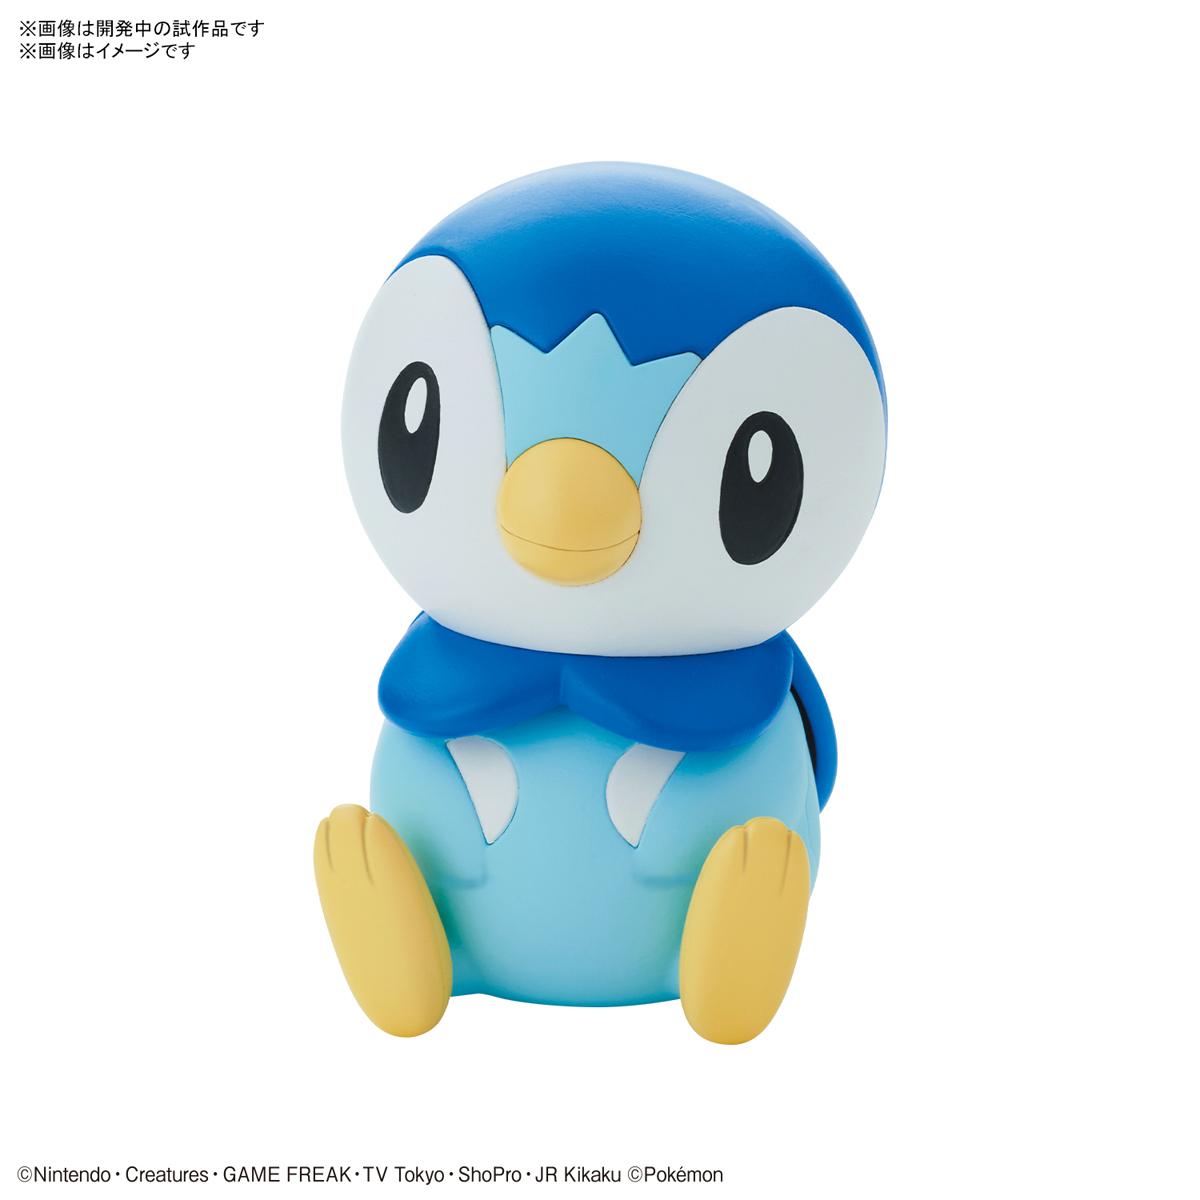 Pokémon PLAMO 收藏集 快組版!! 06 波加曼